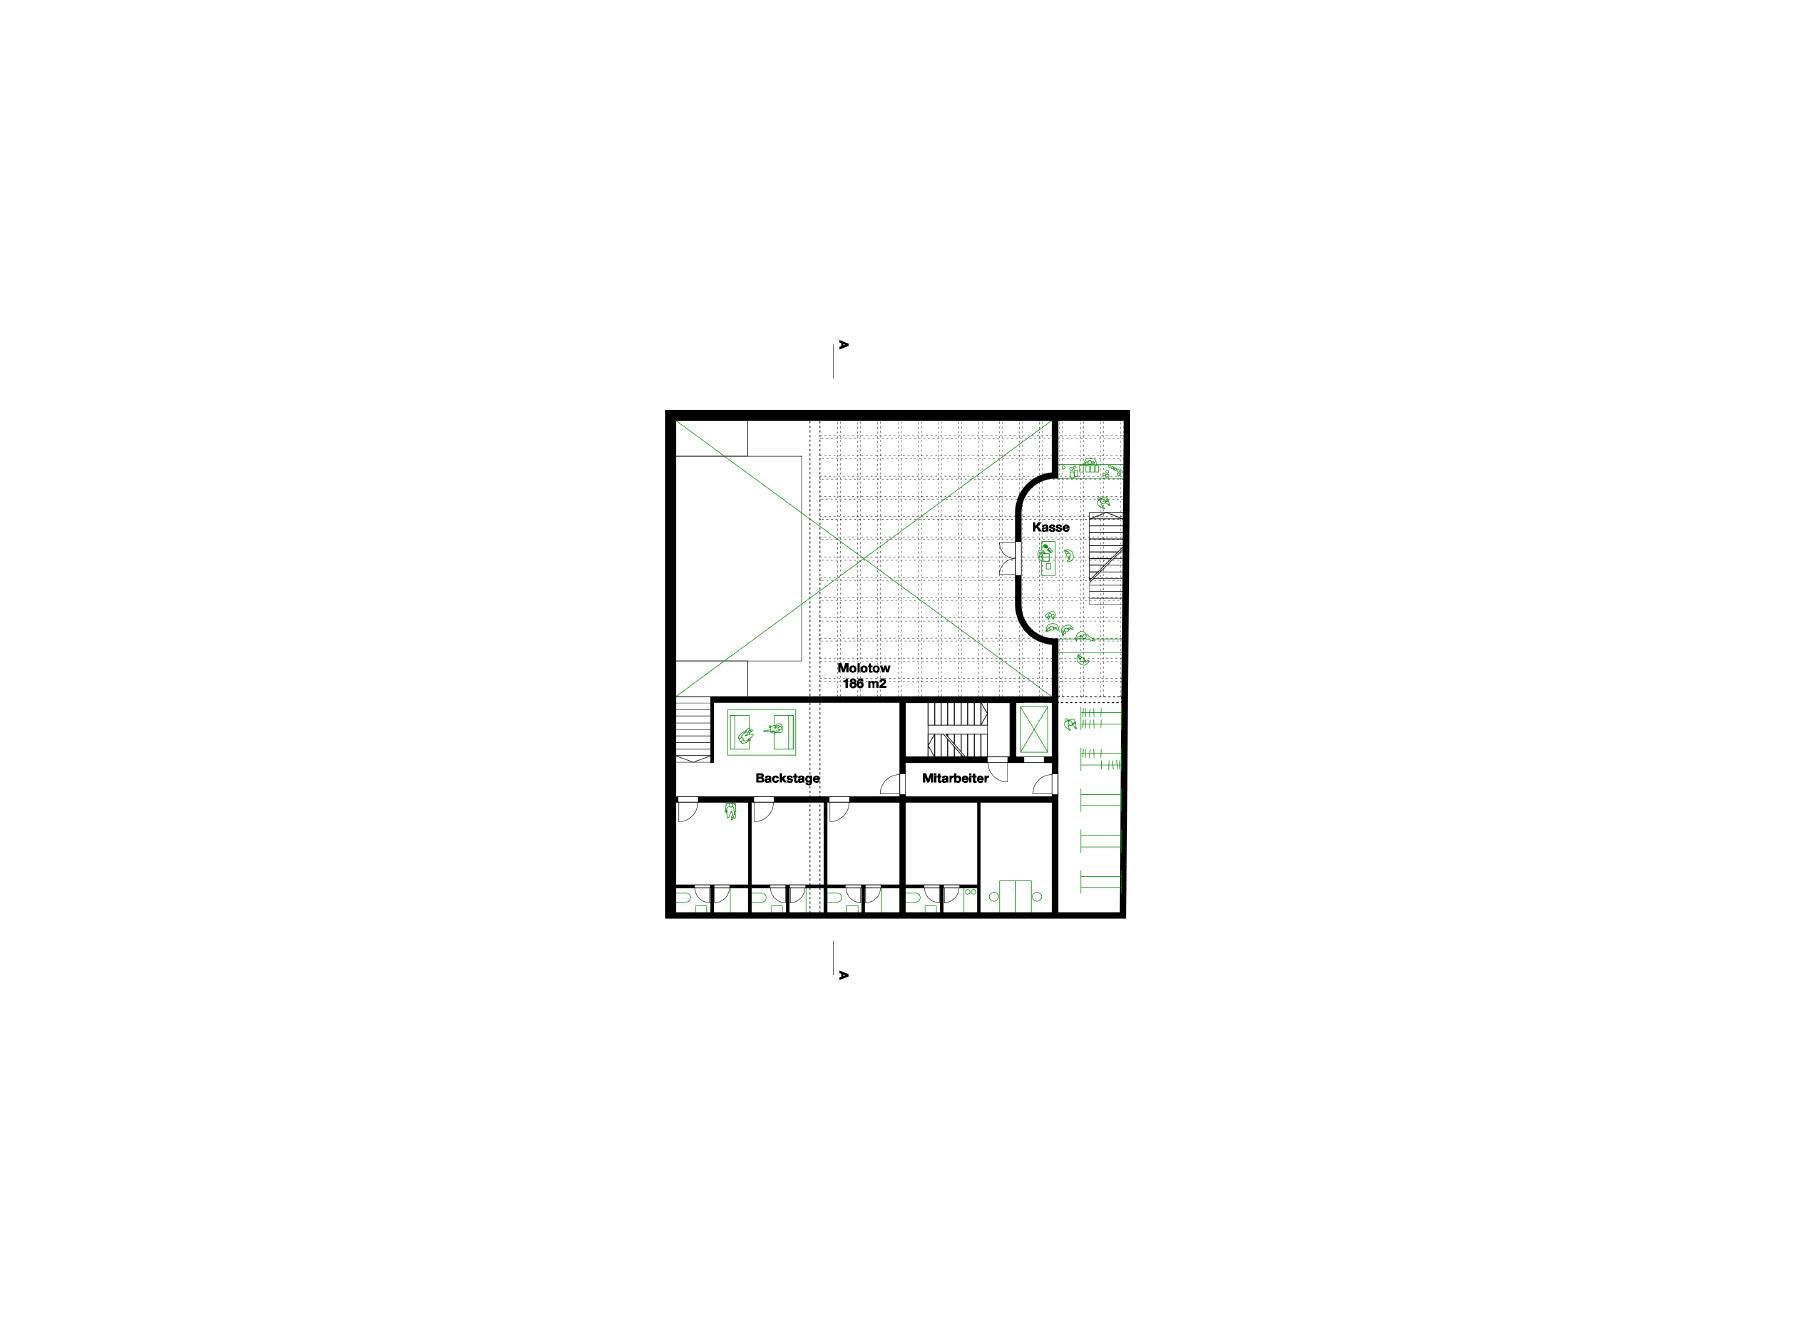 first basement floor